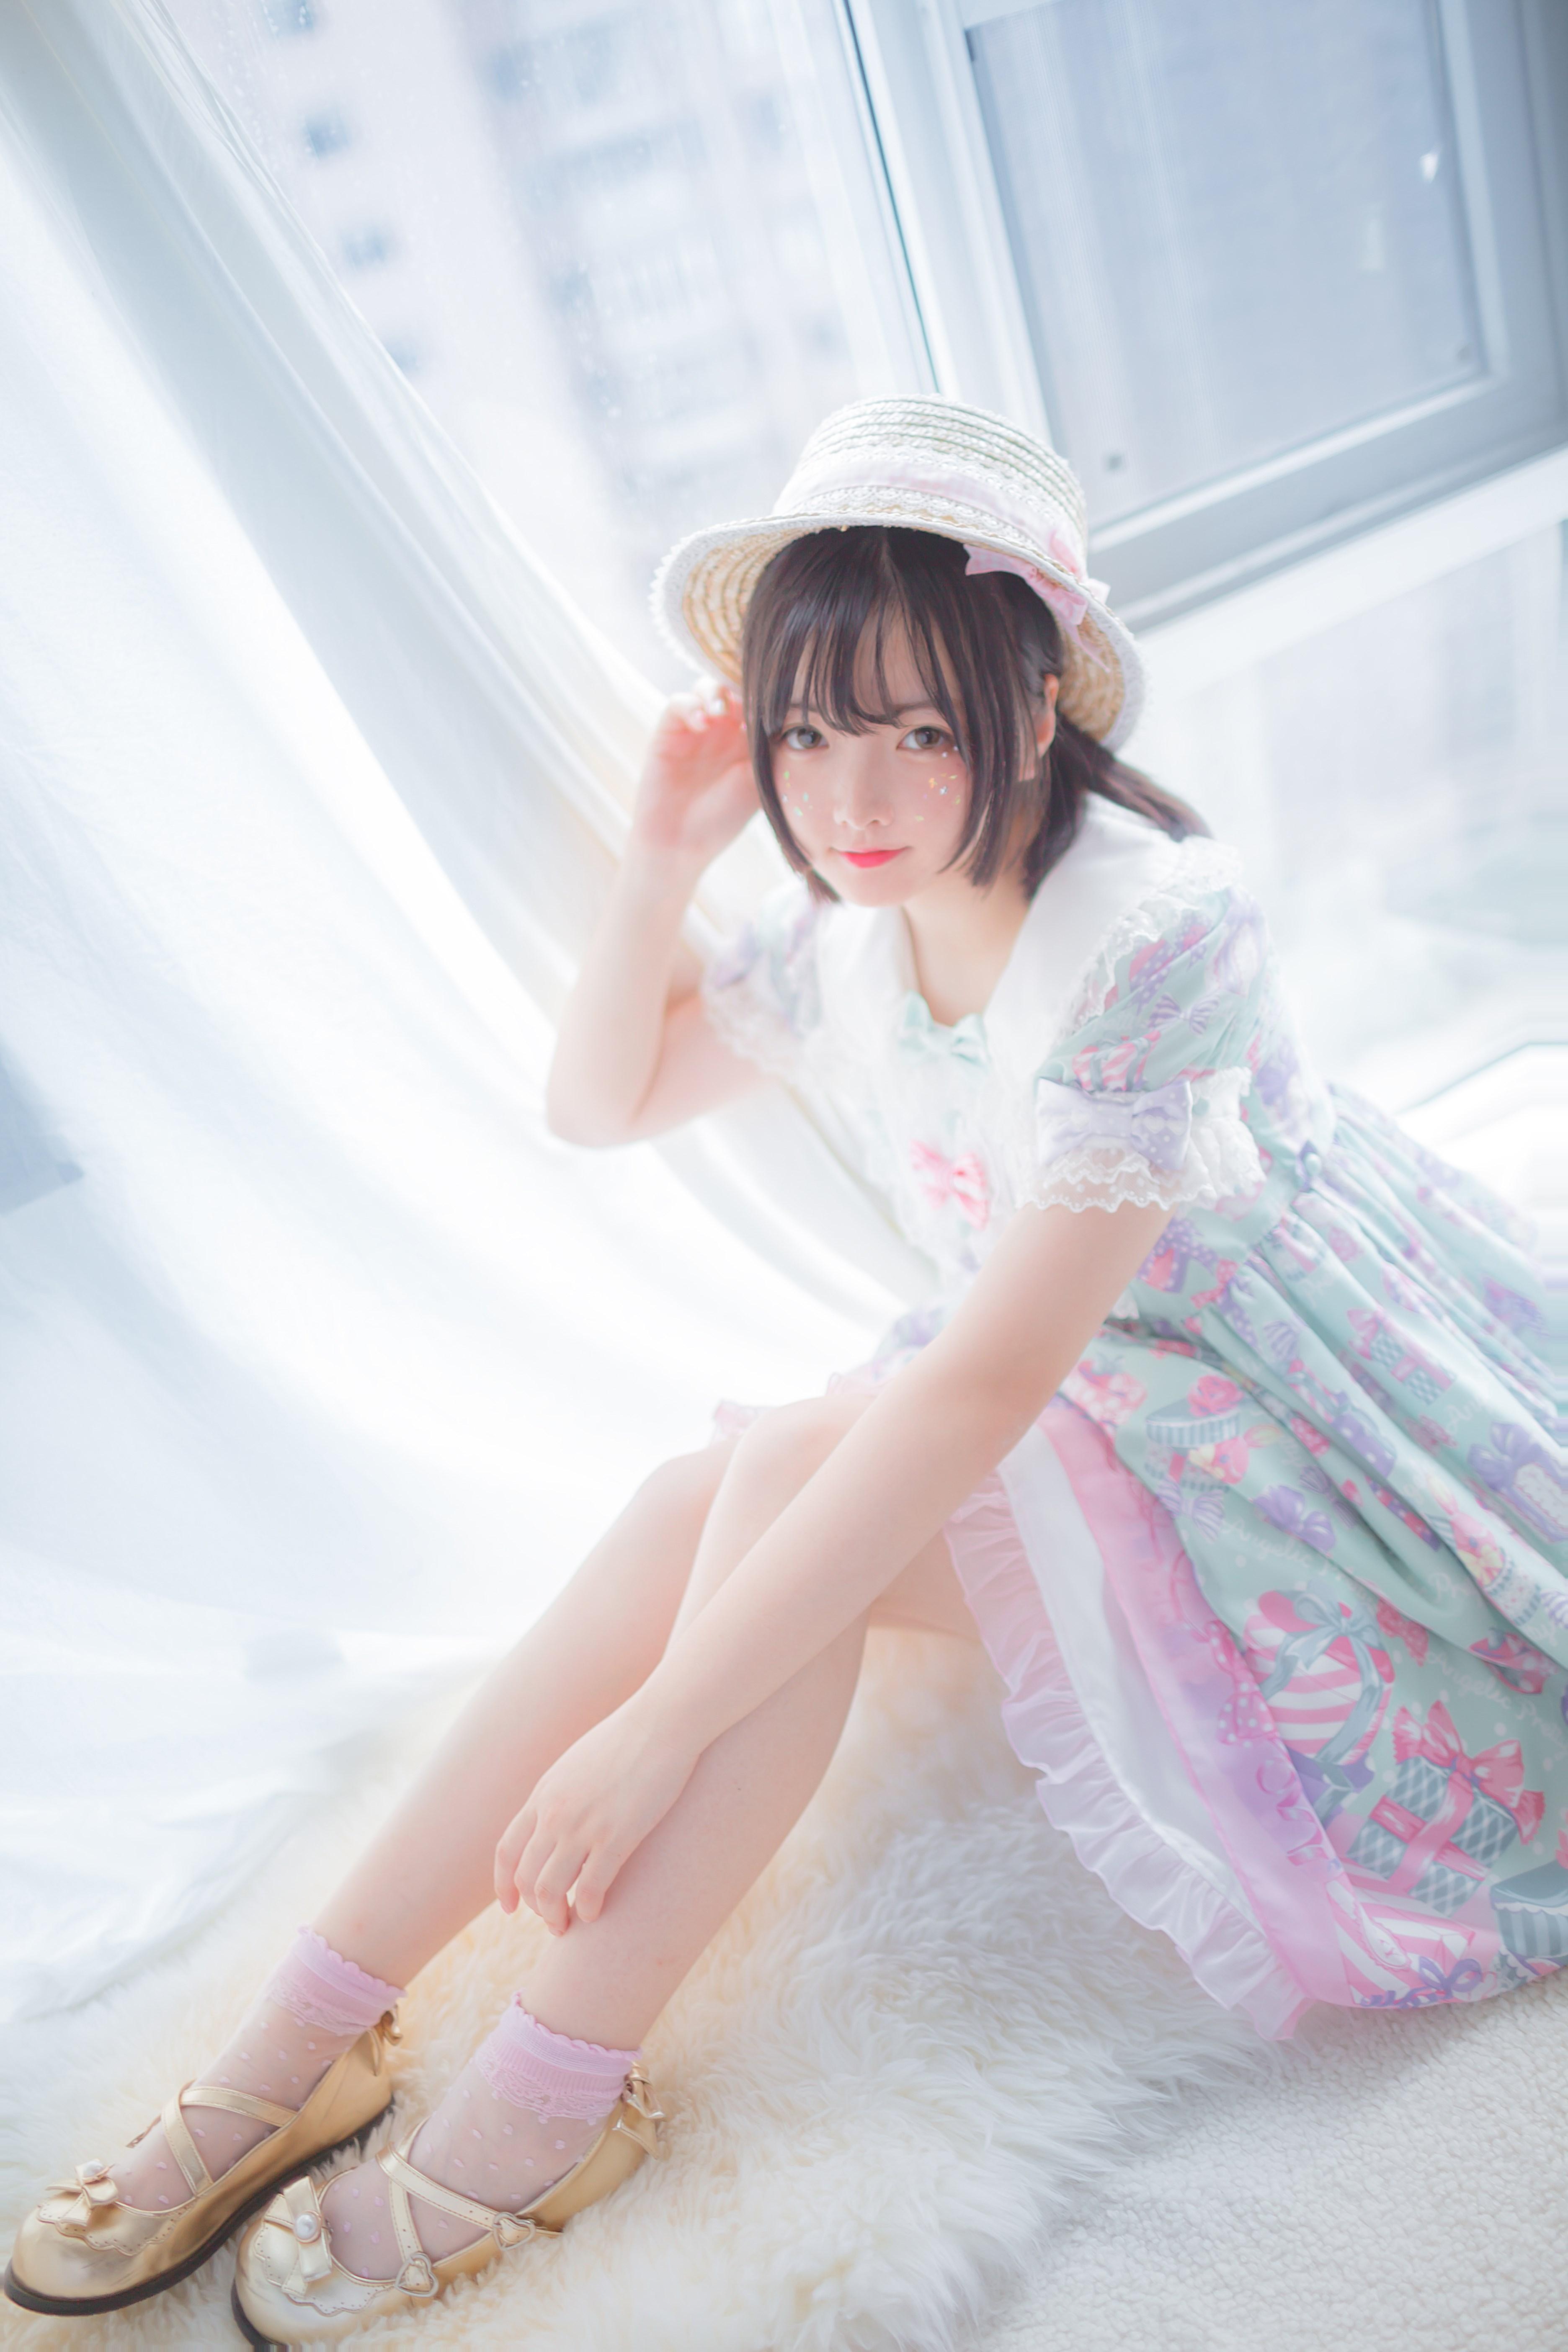 【兔玩映画】软萌小萝莉 兔玩映画 第6张